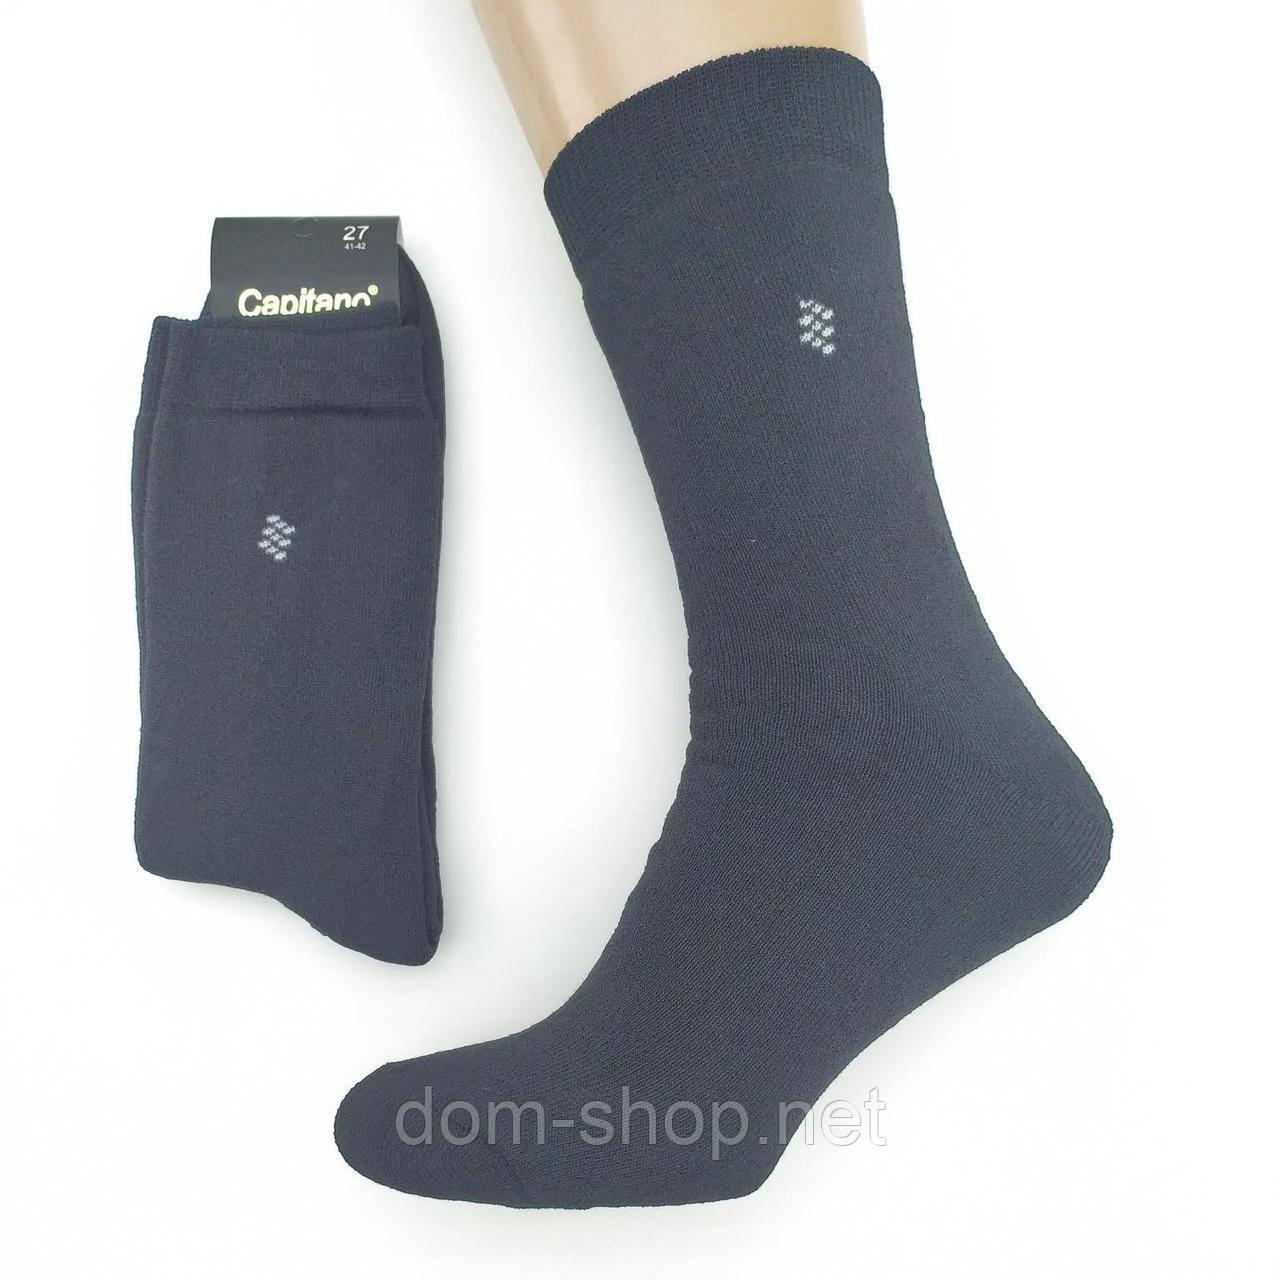 Махровые мужские носки высокие Capitano 27р черные Червоноград